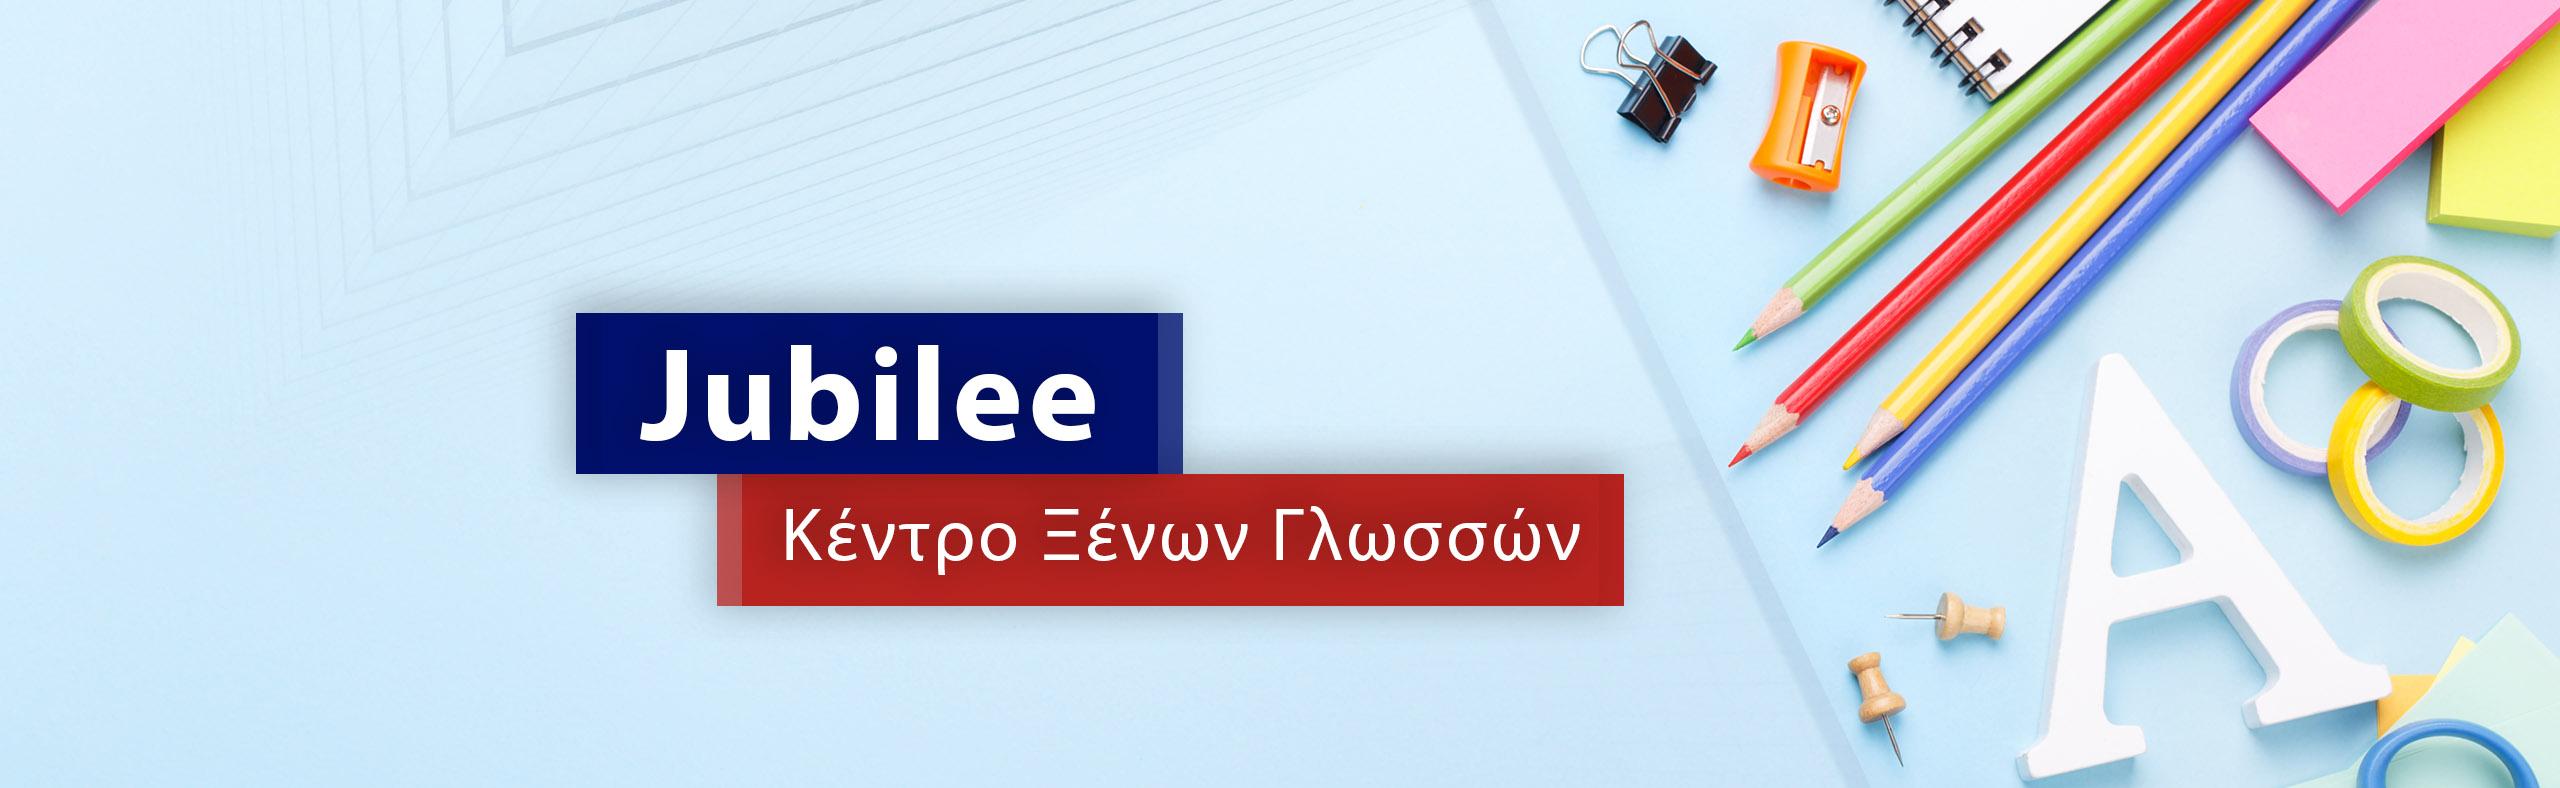 jubilee-school center